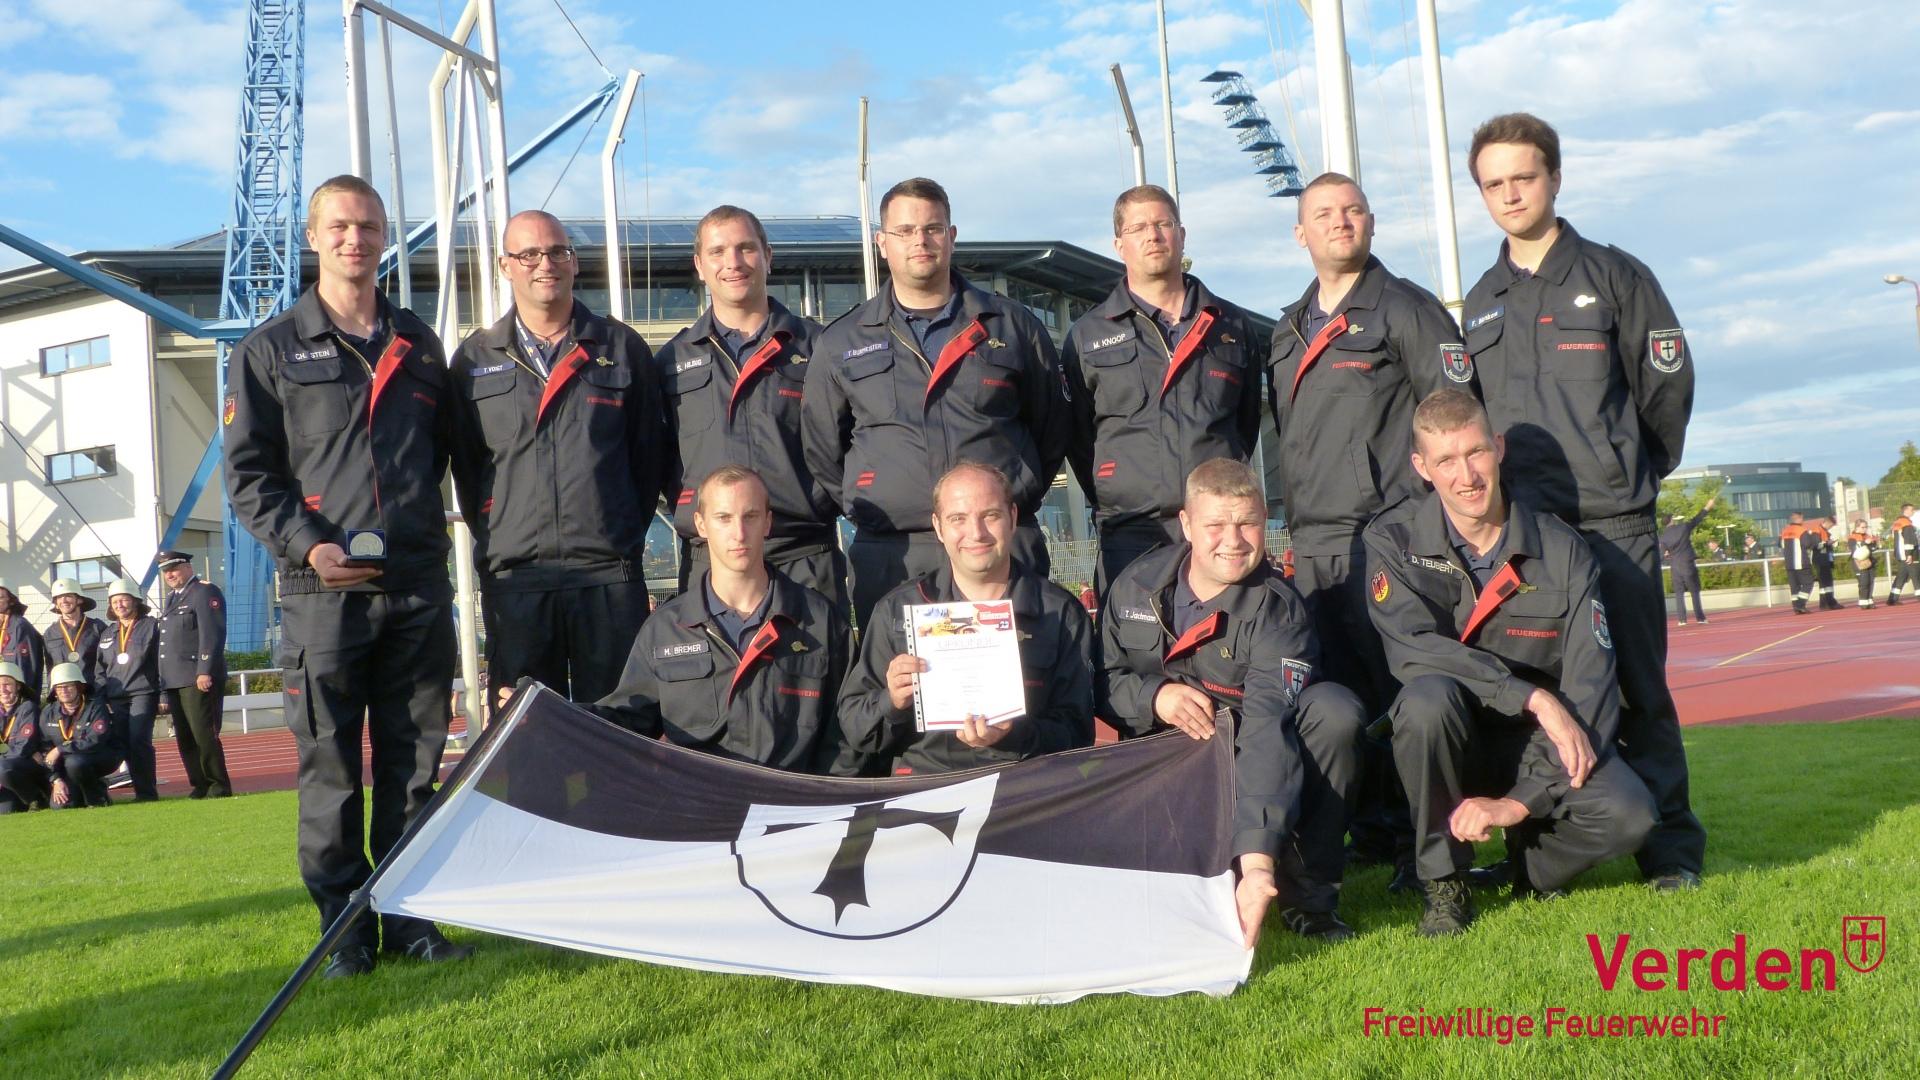 Gruppenfoto bei der Deutschen Feuerwehrmeisterschaft in Rostock 2016.